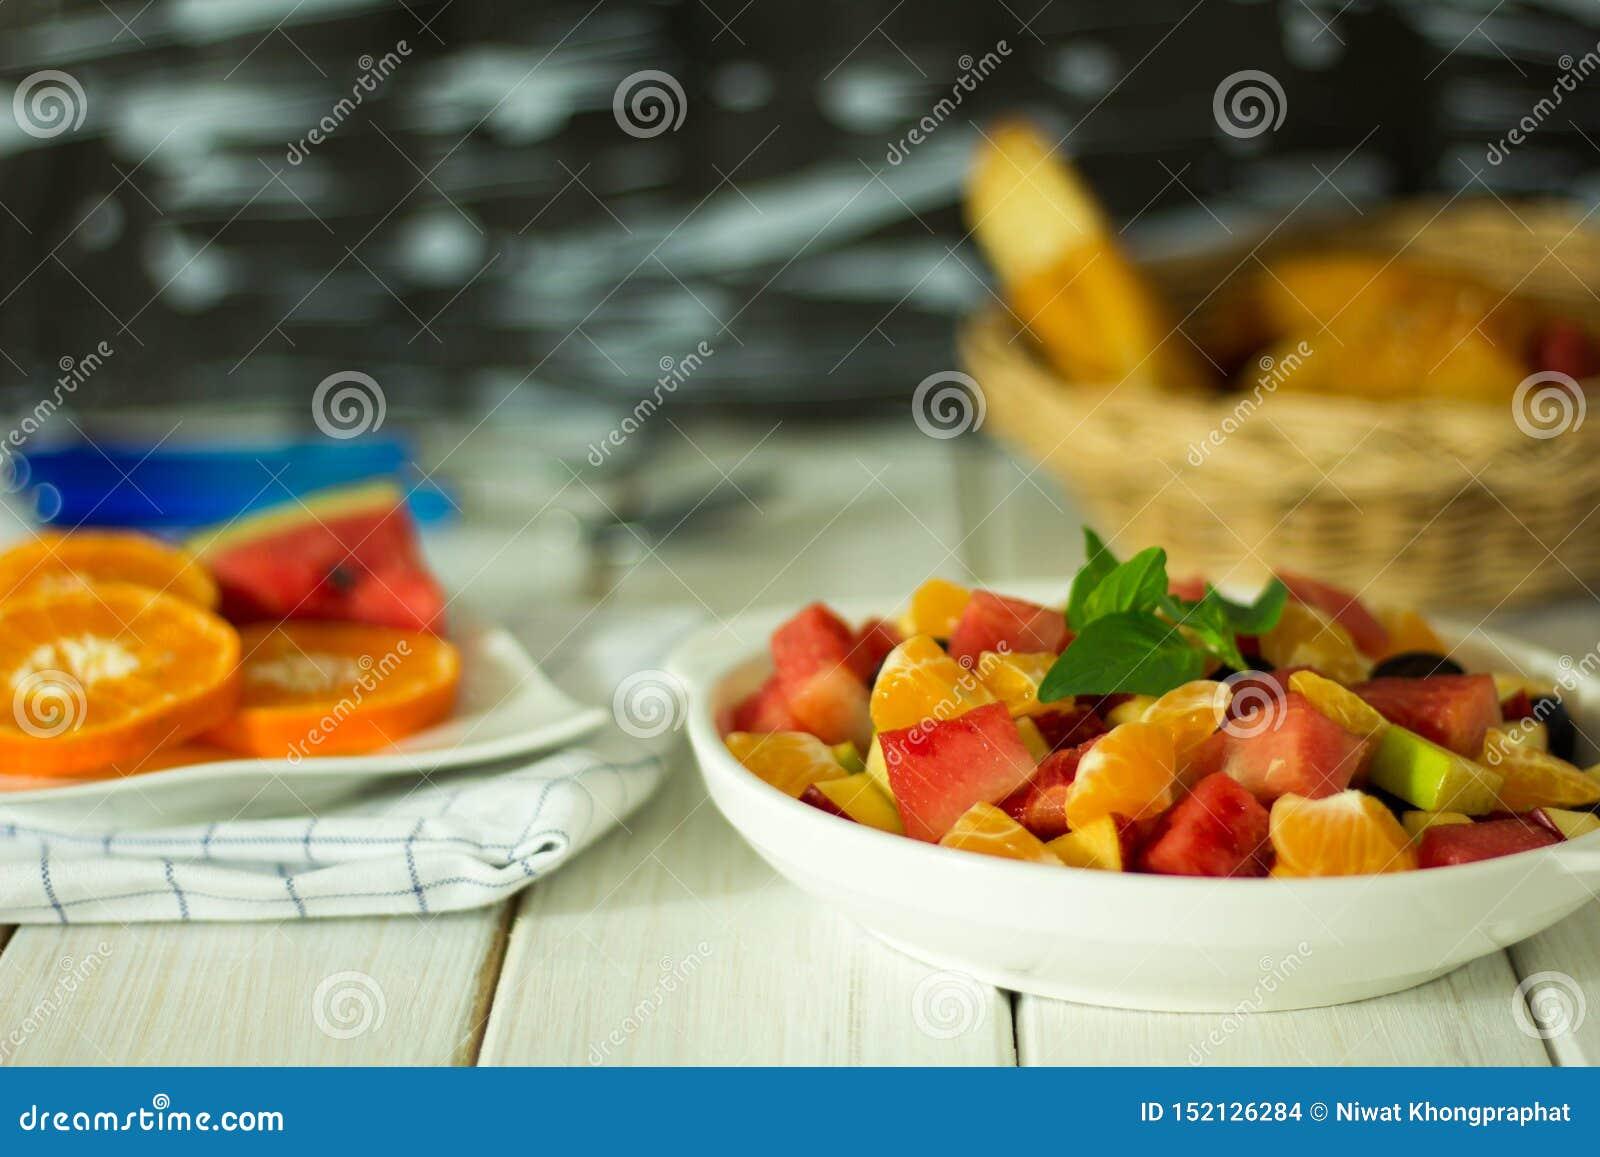 Frukt och vegetabldsallad förläggas på plattan